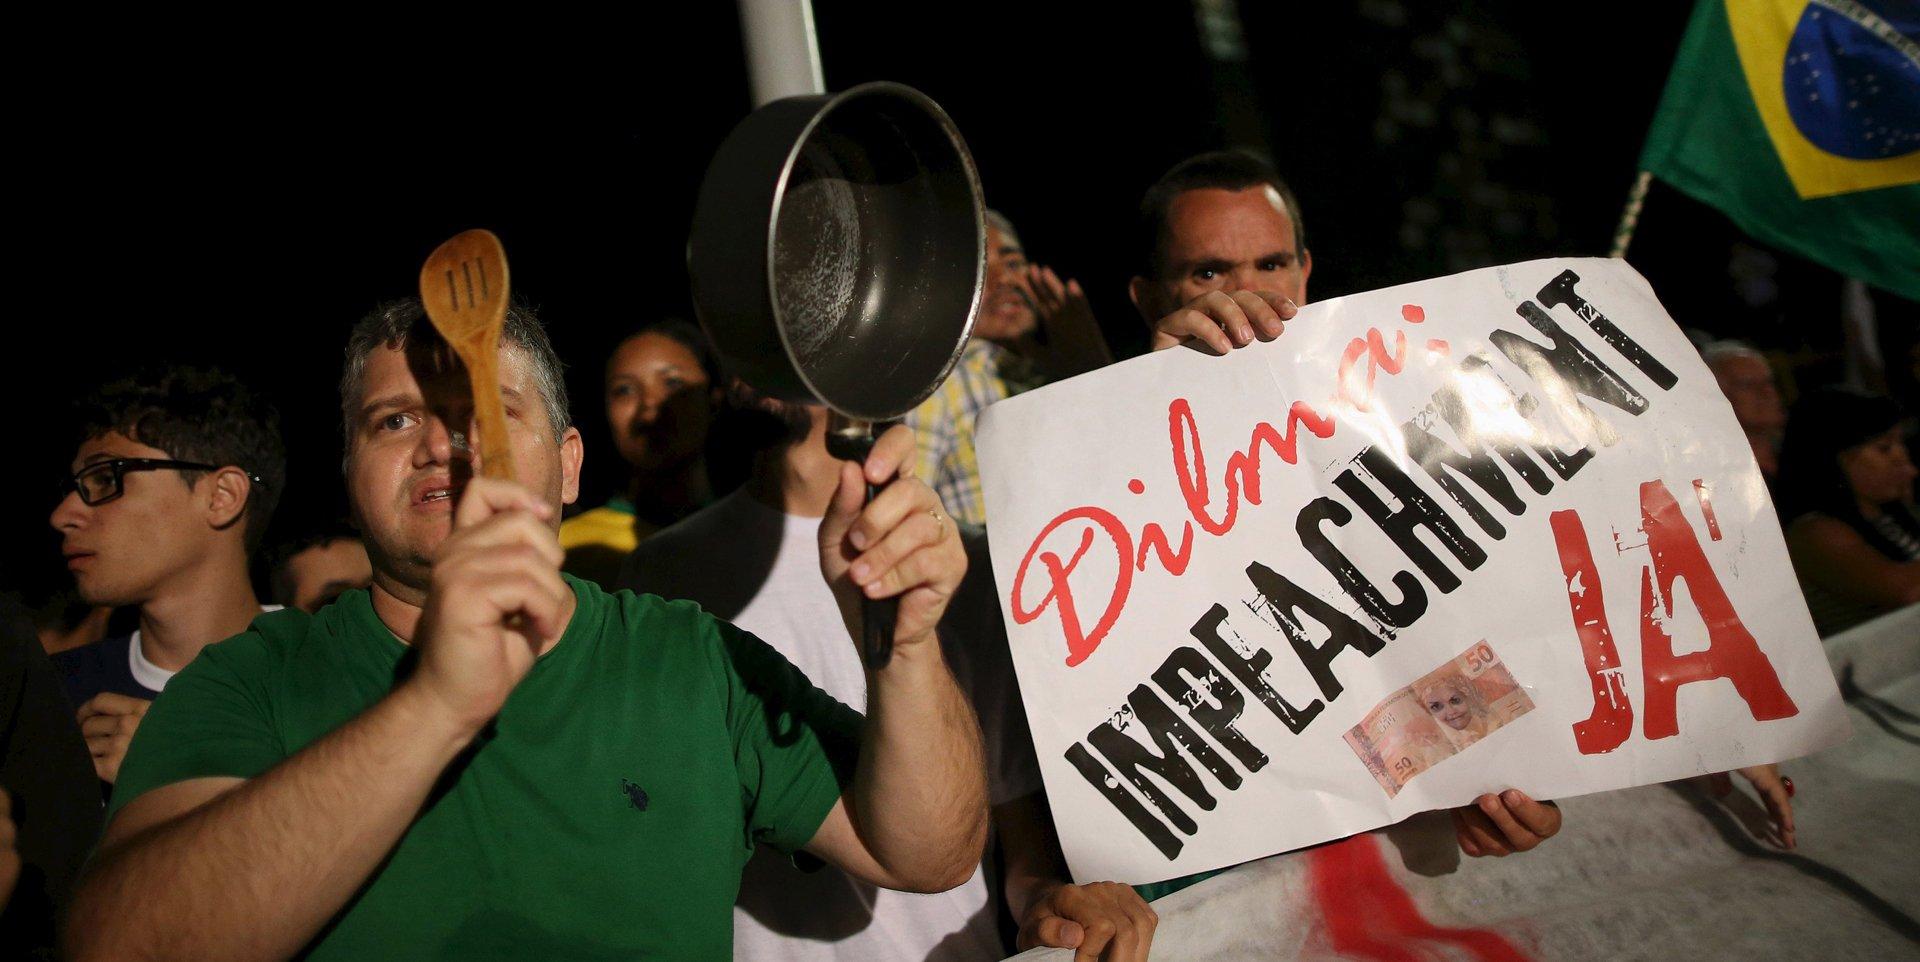 Brasileños indignados se congregaron este miércoles en varias ciudades del país, tras la divulgación de una embarazosa conversación telefónica entre la presidenta Dilma Rousseff y su antecesor y flamante ministro Lula da Silva